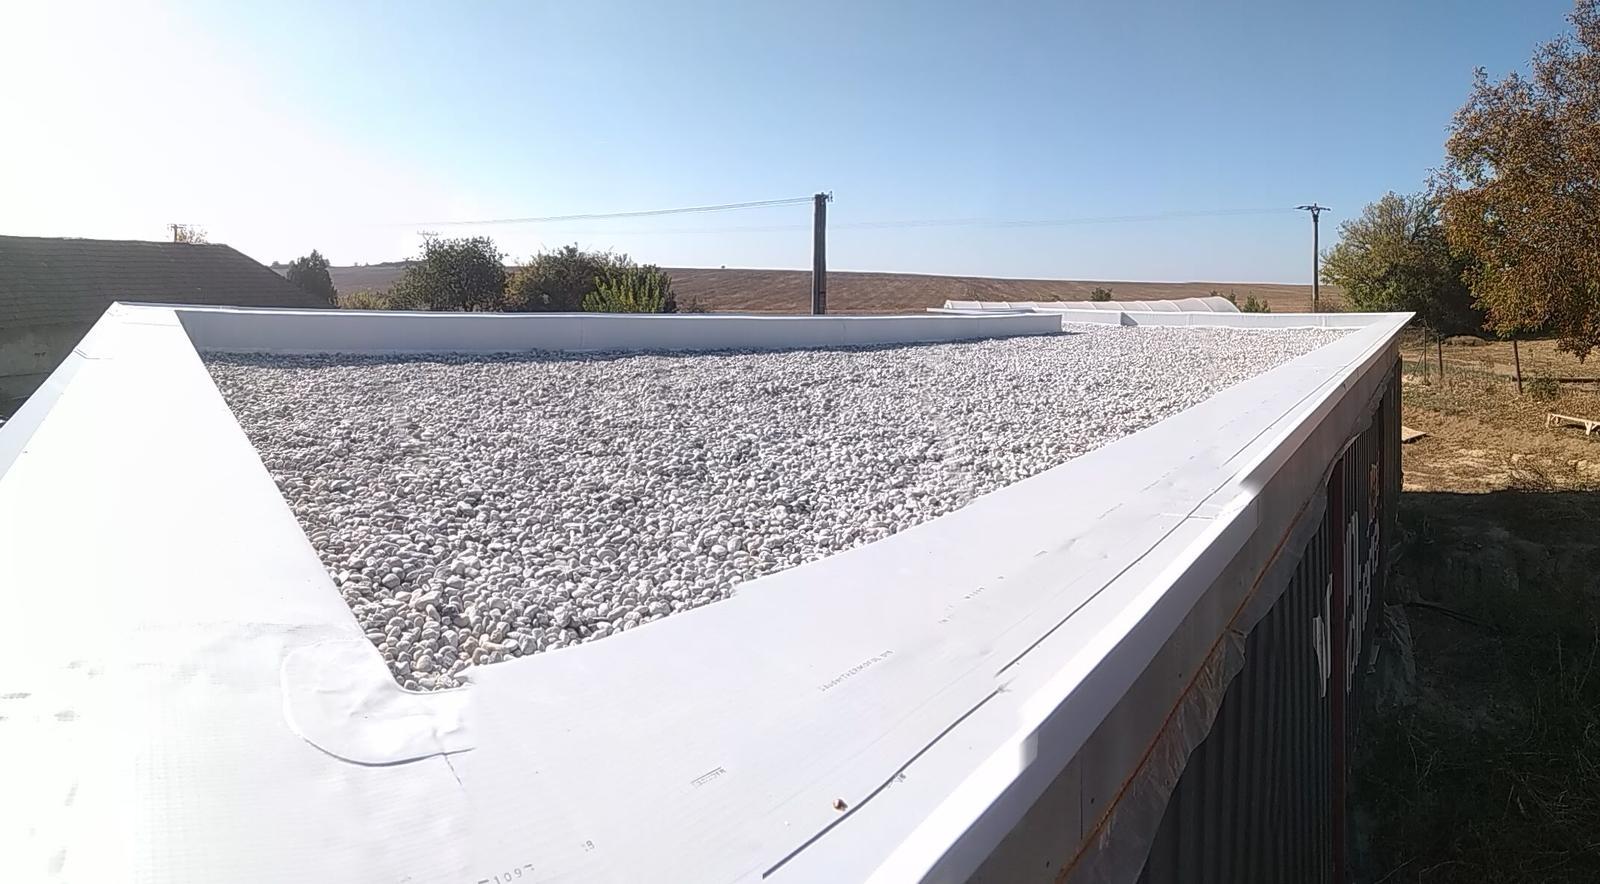 Kontajnerový dom po stieťkovaní - Plochá strecha izolovaná fóliou, doťažená štrkom s medzivrstvou geotextílie. (foto je trochu zle poskladaná panoráme, preto sú tam skoky)